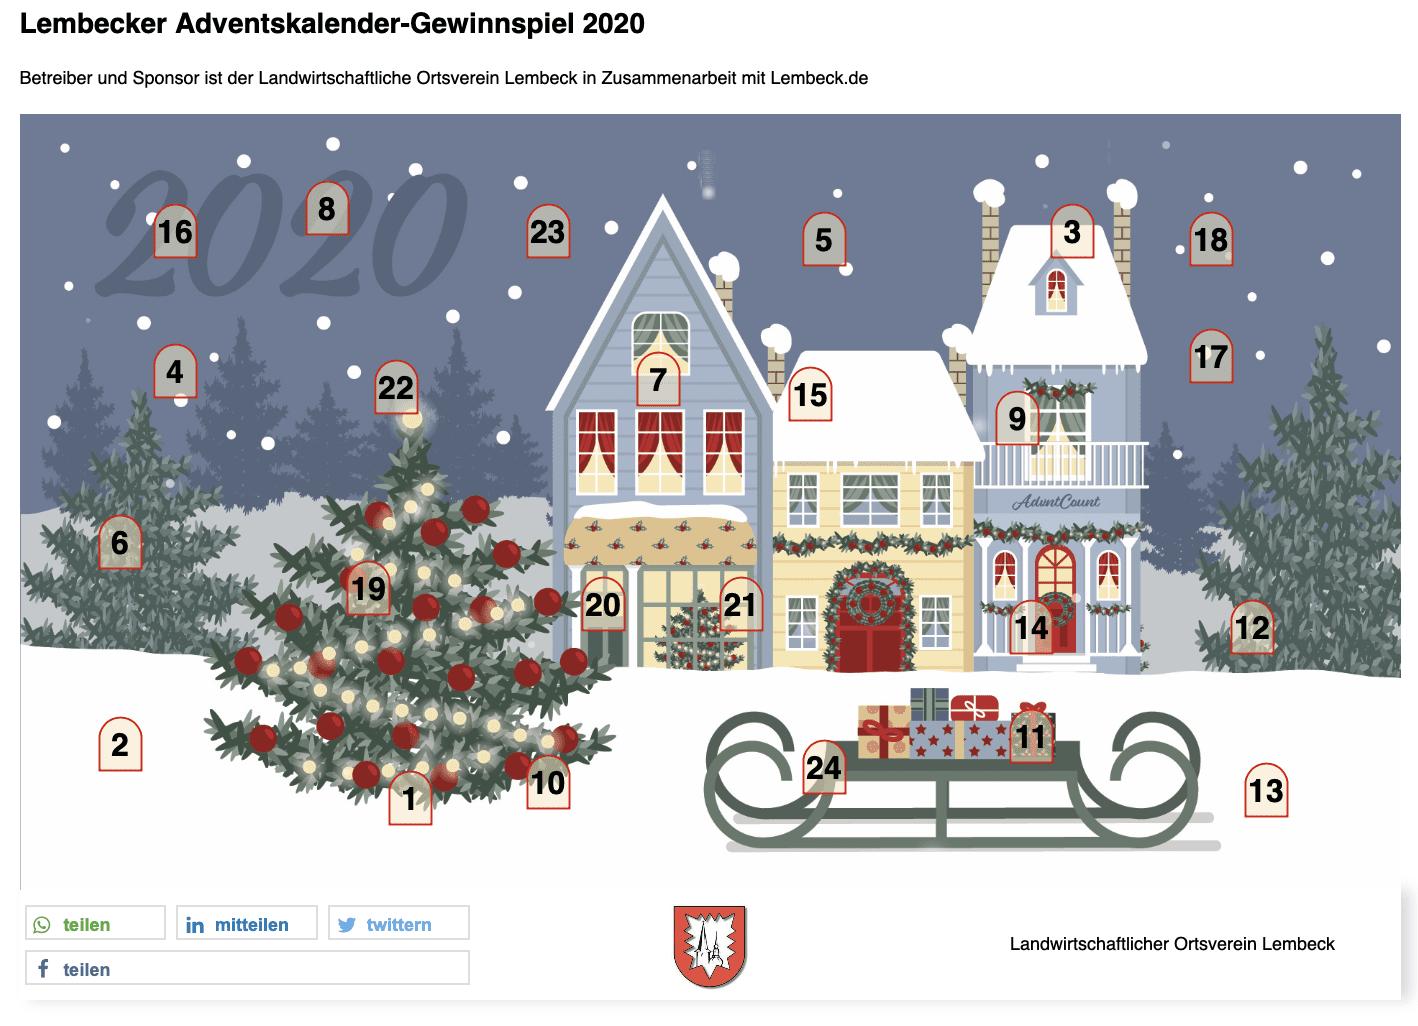 Lumbecken Adventskalender-Gewinnspiel